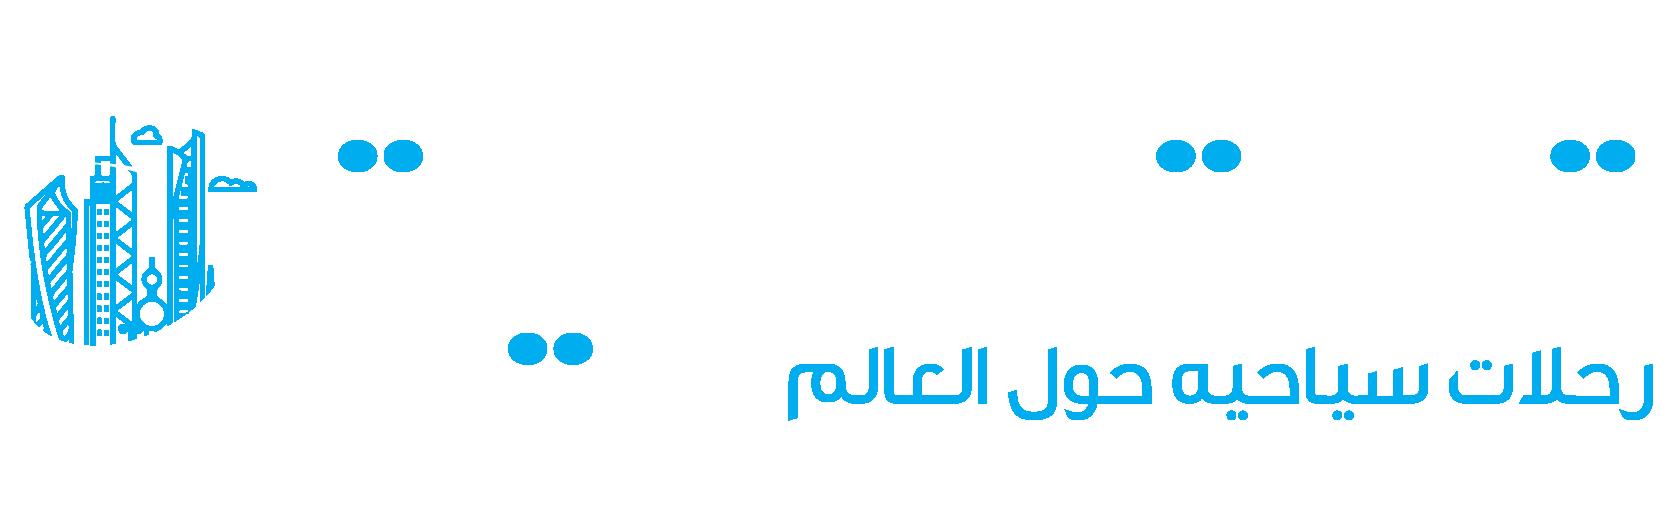 قلعة الكويت